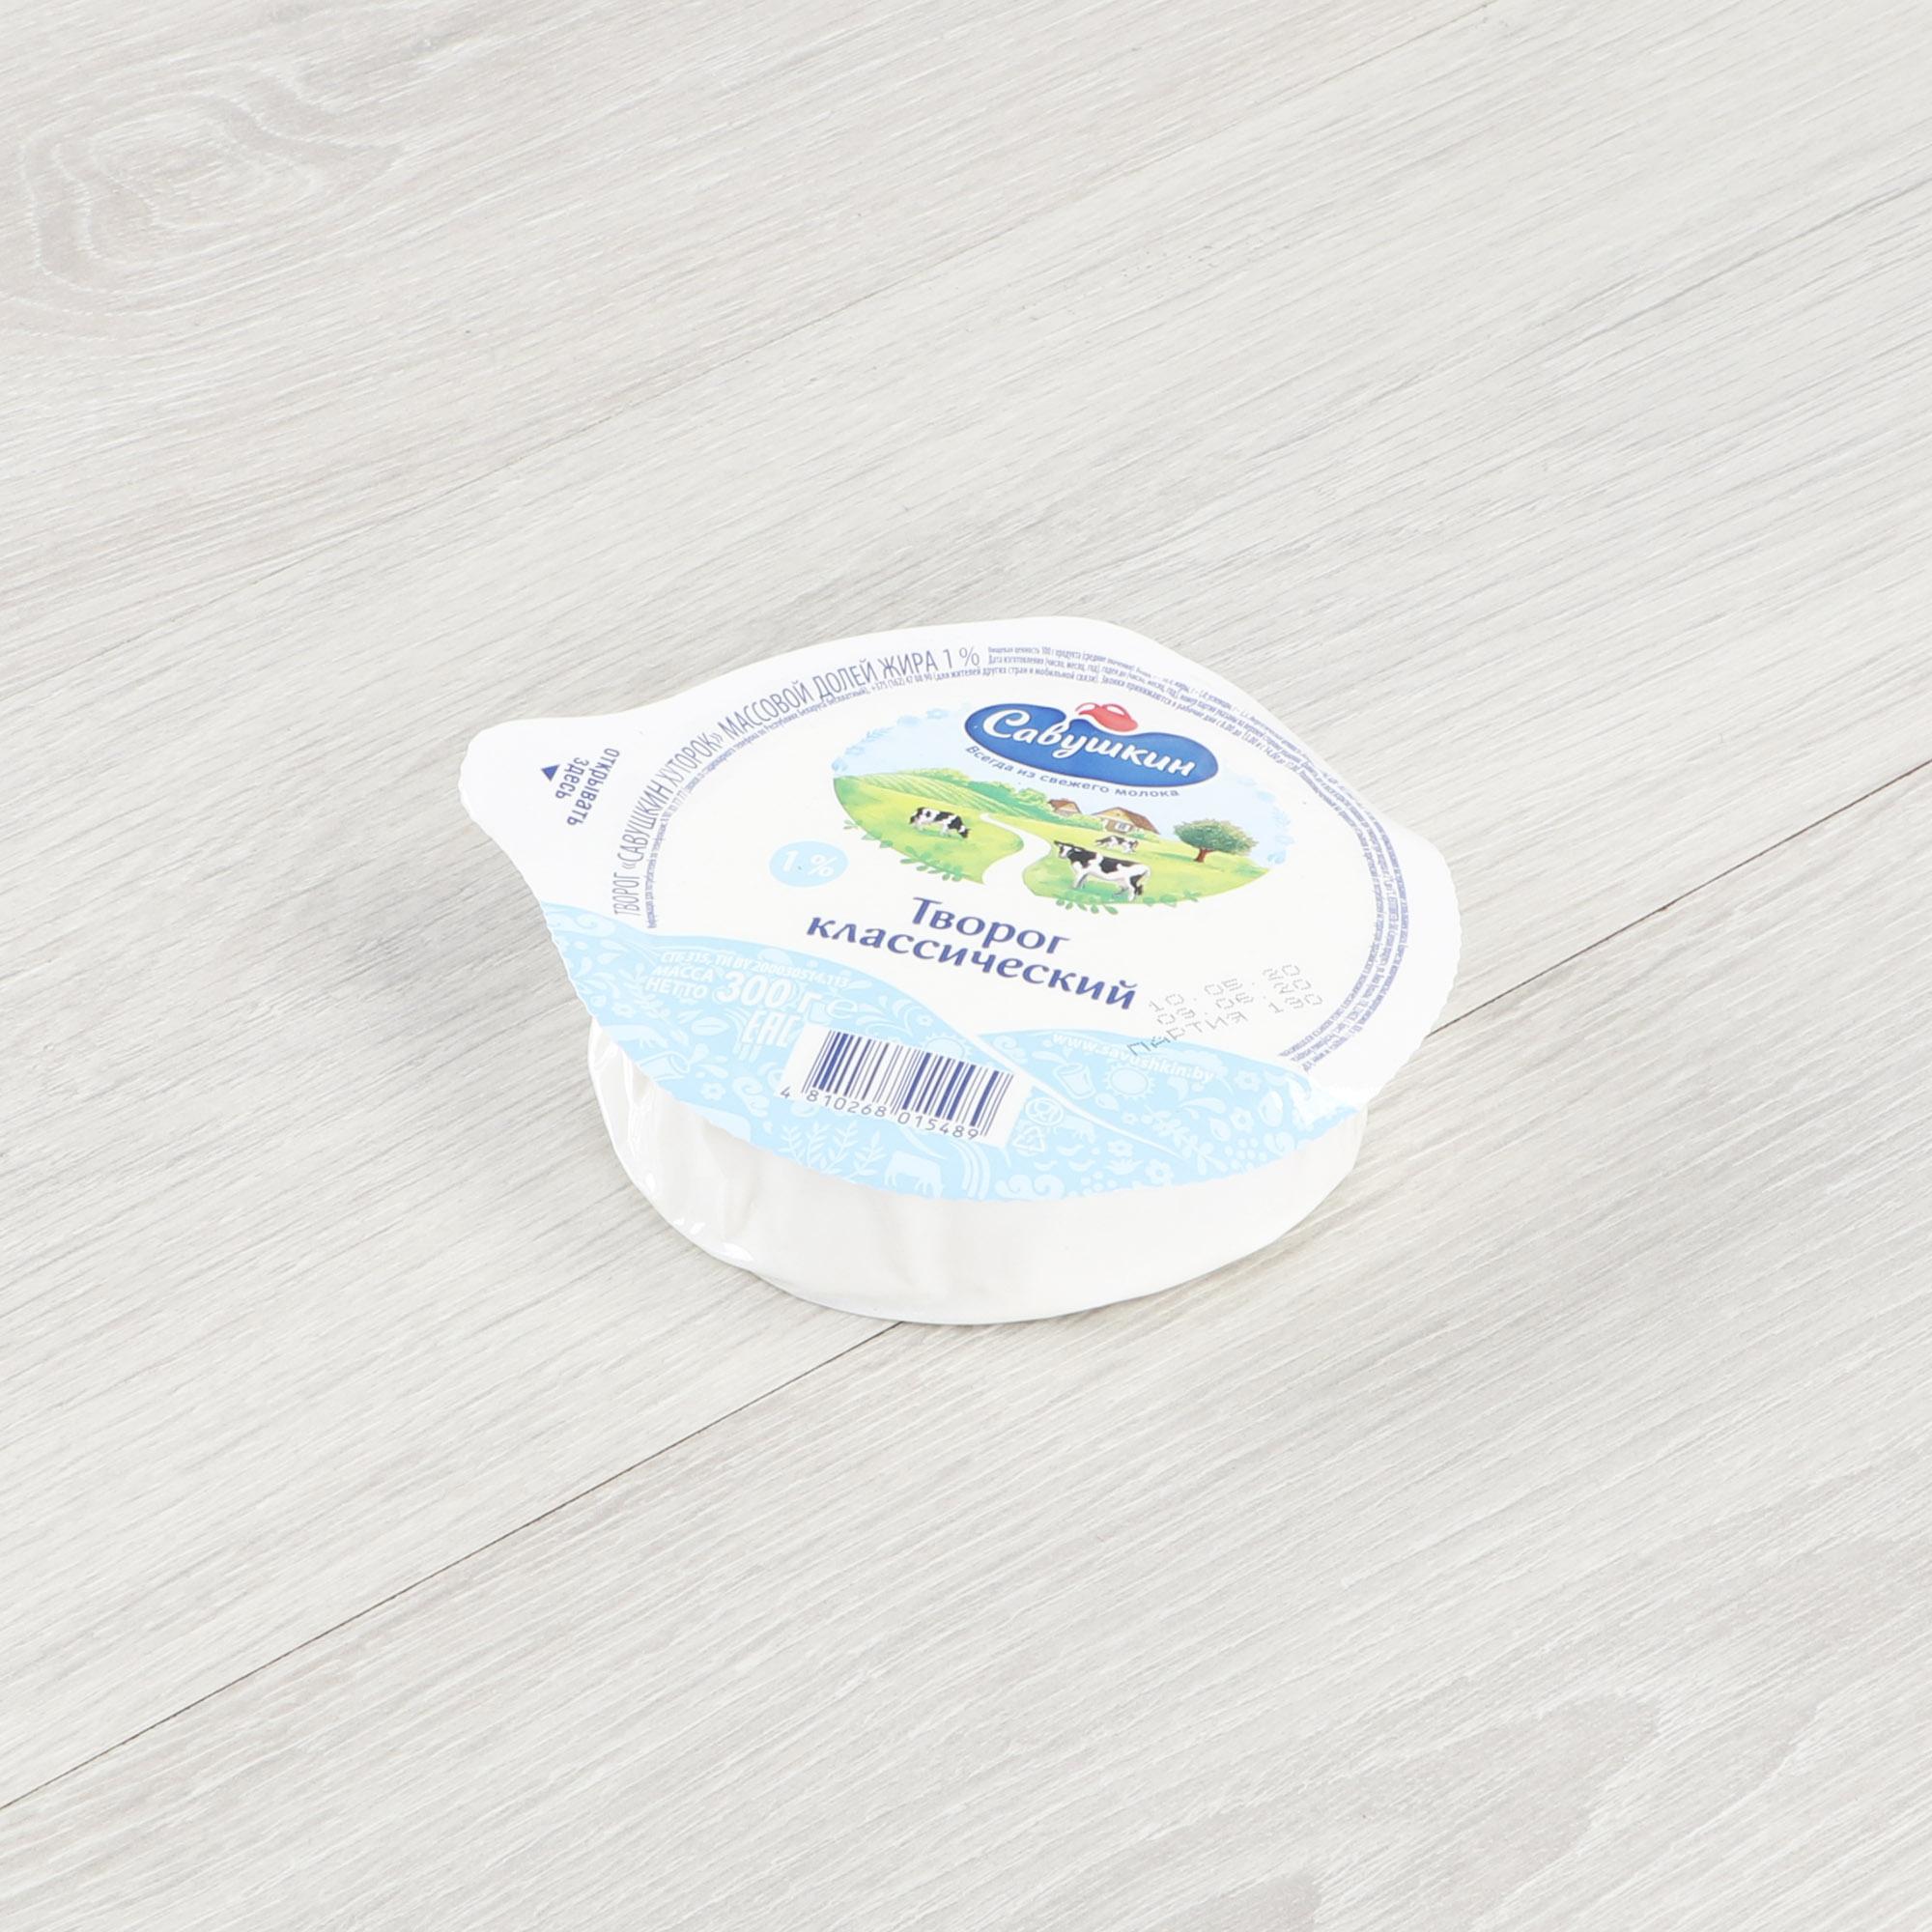 творог савушкин продукт рассыпчатый 5% 700 г Творог Савушкин Хуторок 1% 300 г